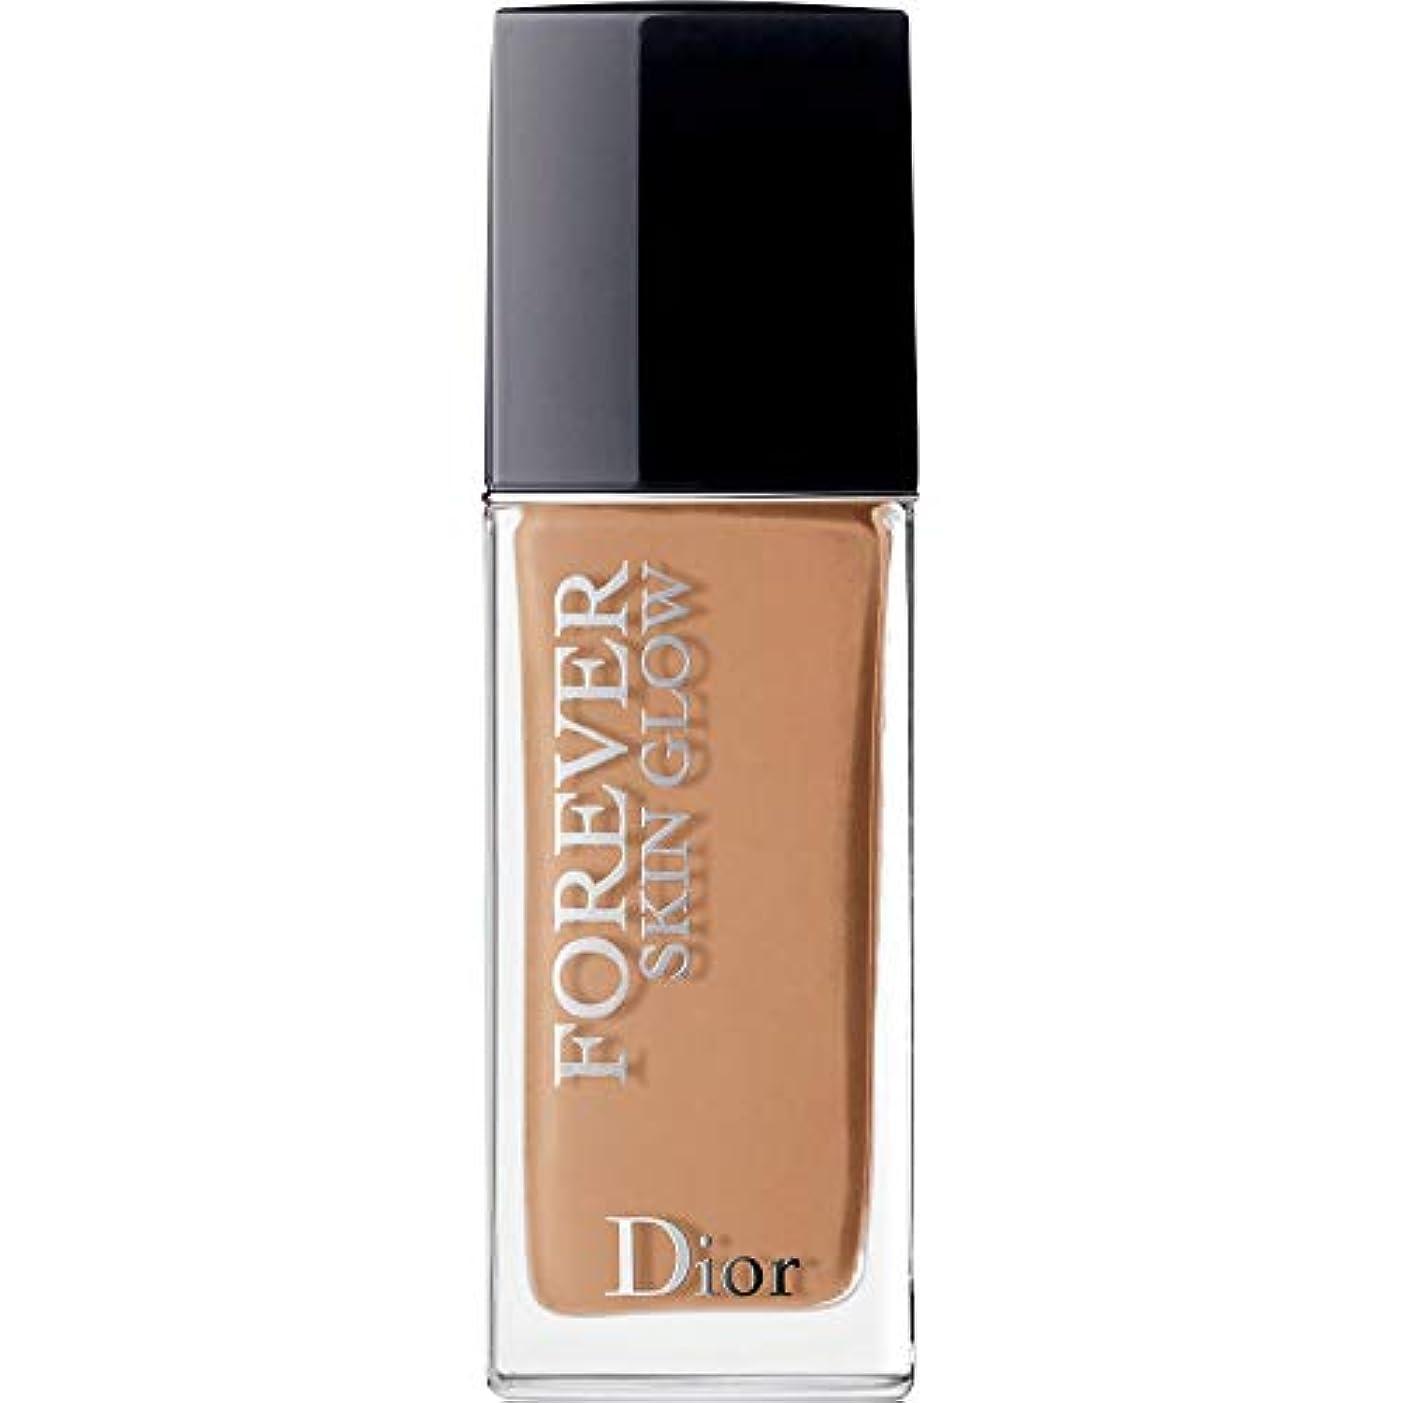 ブランデー大いに探検[Dior ] ディオール永遠肌の輝き肌思いやりの基礎Spf35 30ミリリットルの4.5ワット - 暖かい(肌の輝き) - DIOR Forever Skin Glow Skin-Caring Foundation SPF35 30ml 4.5W - Warm (Skin Glow) [並行輸入品]